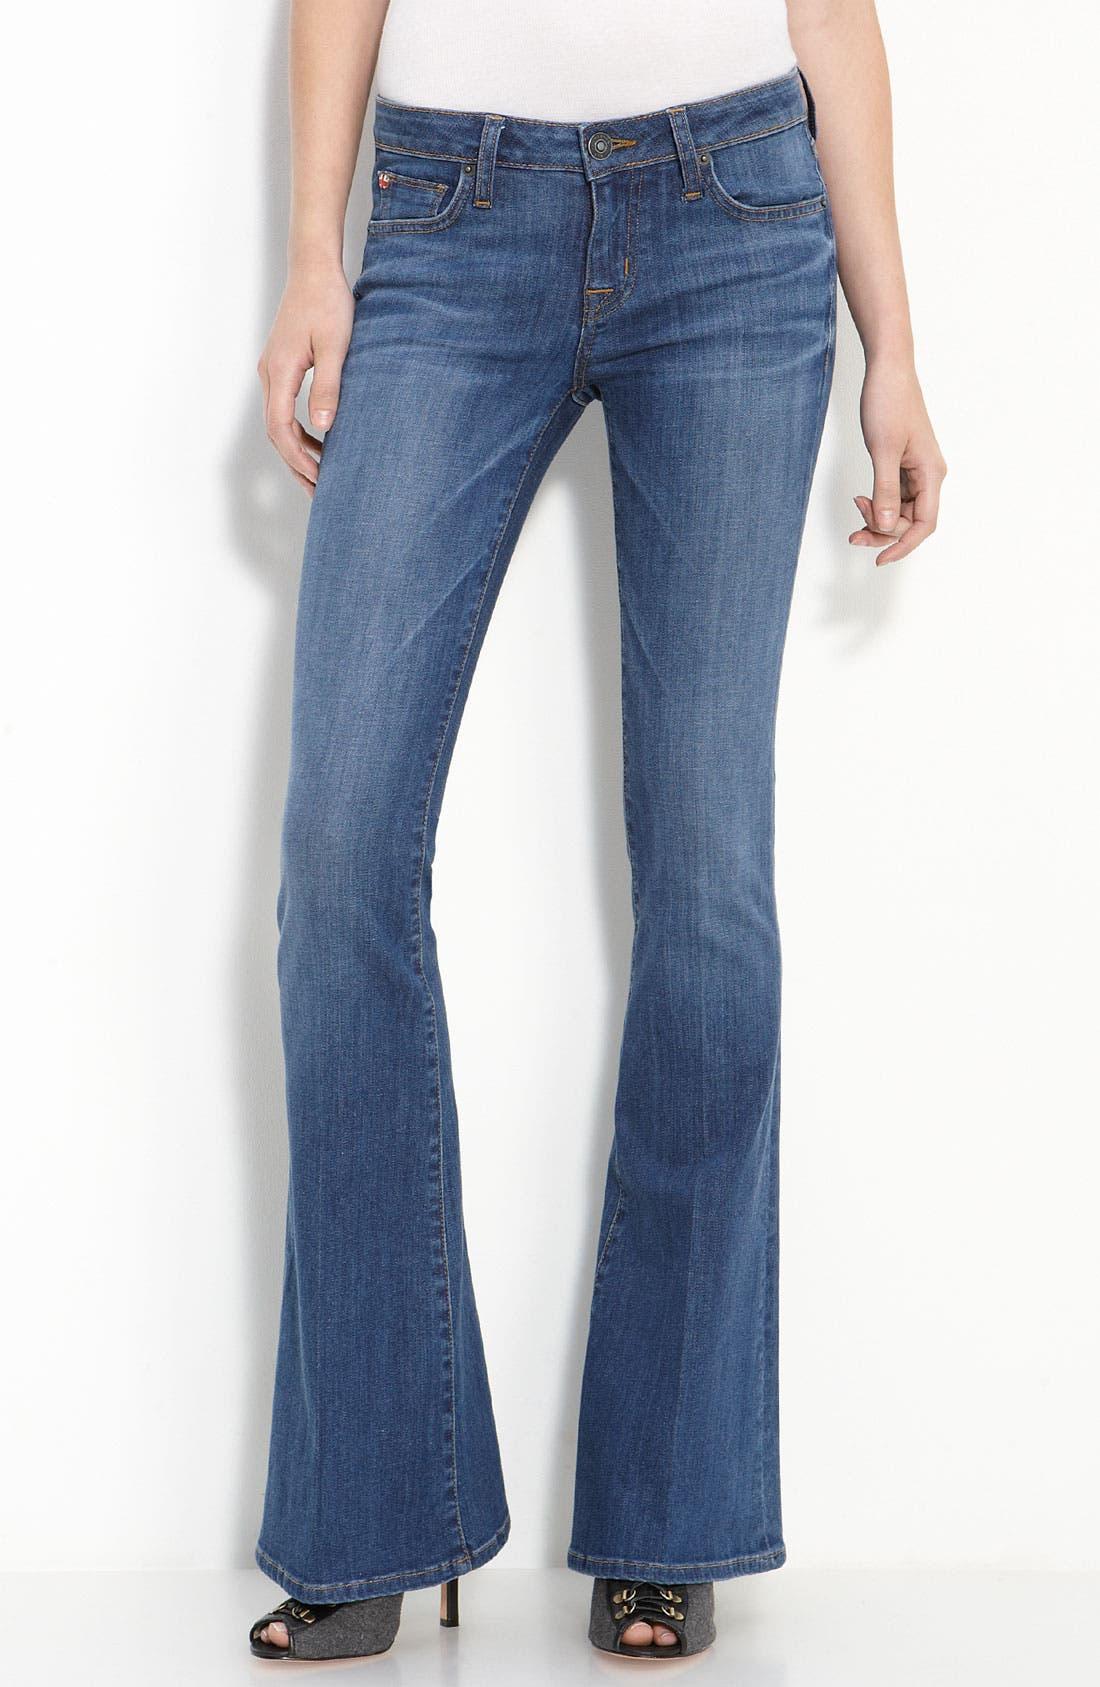 HUDSON JEANS 'Ferris' Flare Leg Stretch Denim Jeans, Main, color, 401